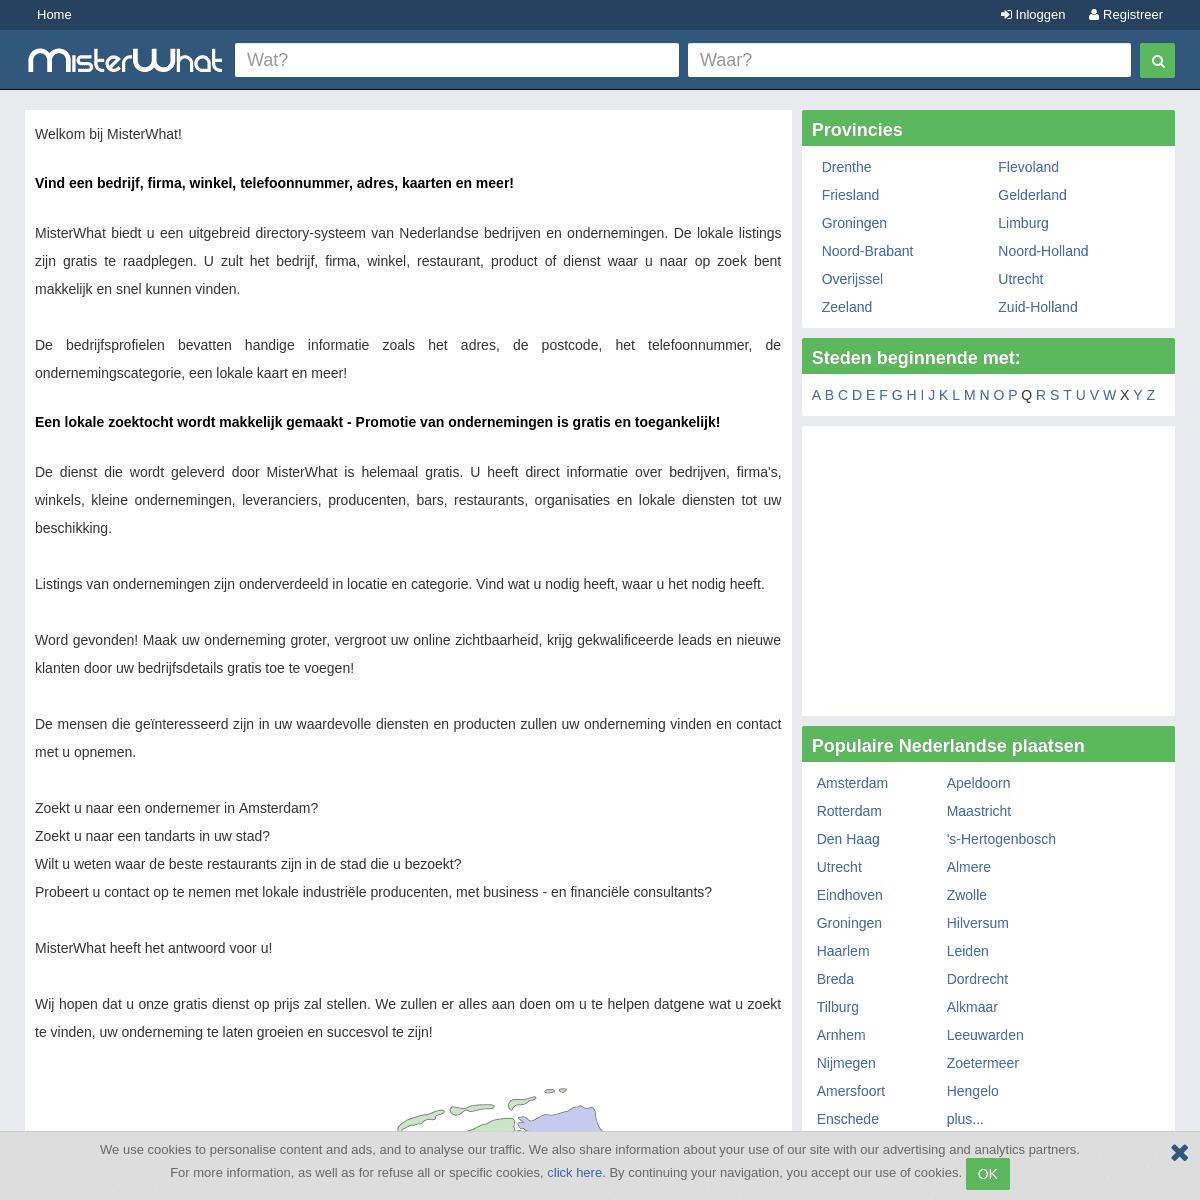 Directory-systeem voor kleine Nederlandse Ondernemingen - Vind Lokale Nederlandse Bedrijven, Firma's, Winkels en meer - MisterWh